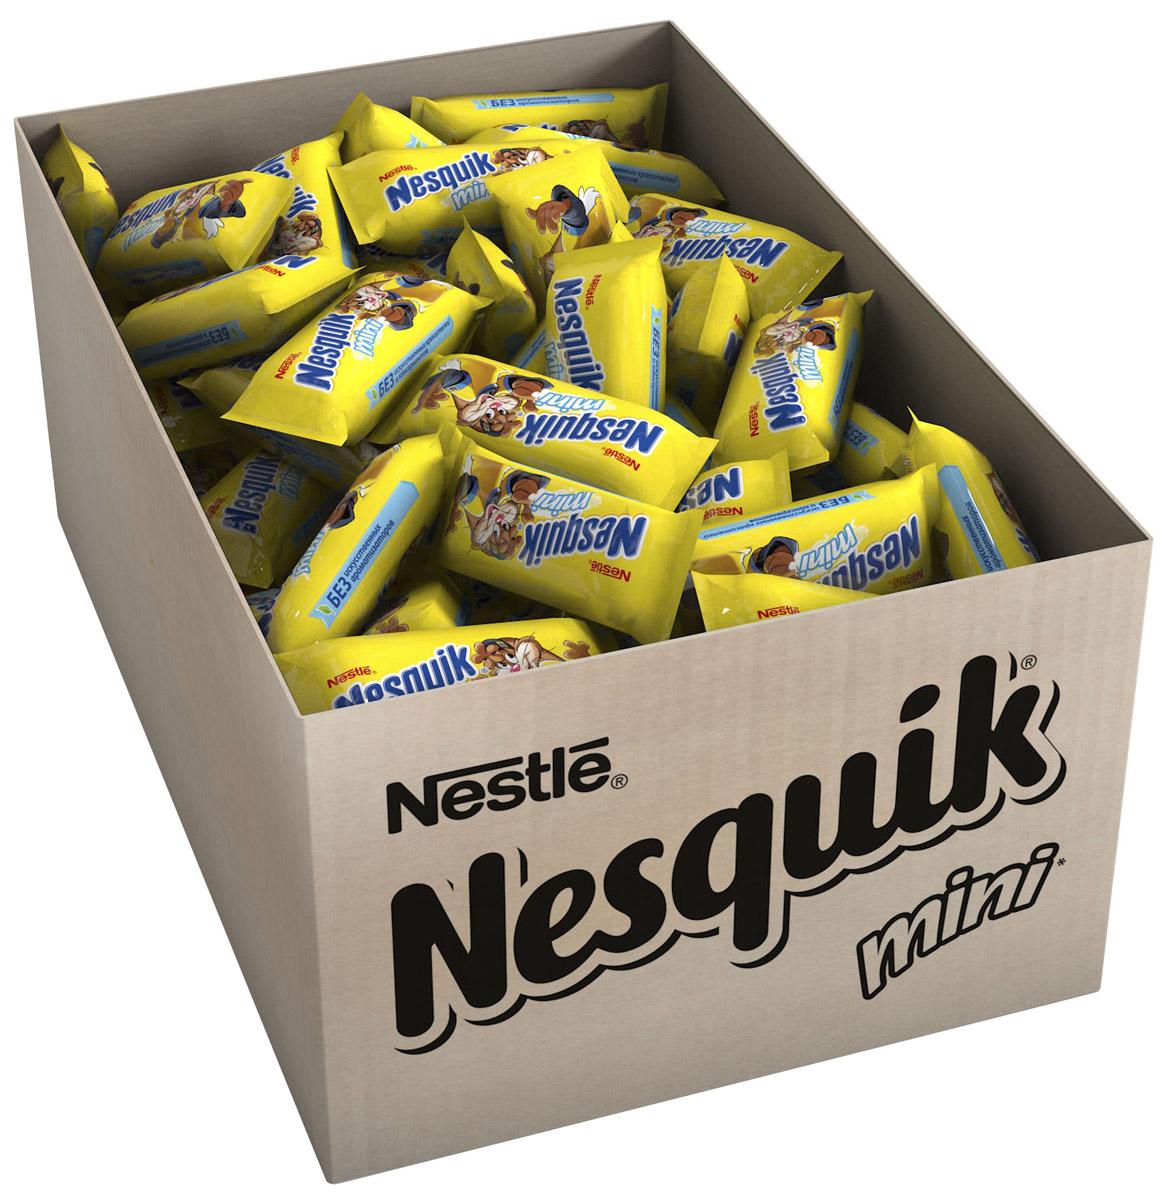 Nesquik Mini молочная начинка, 2 кг12166448Конфета с нугой, молочной начинкой. Отличное лакомство для вашего непоседы, чтобы: - наслаждаться каждый день - поделиться с друзьями - взять с собой.